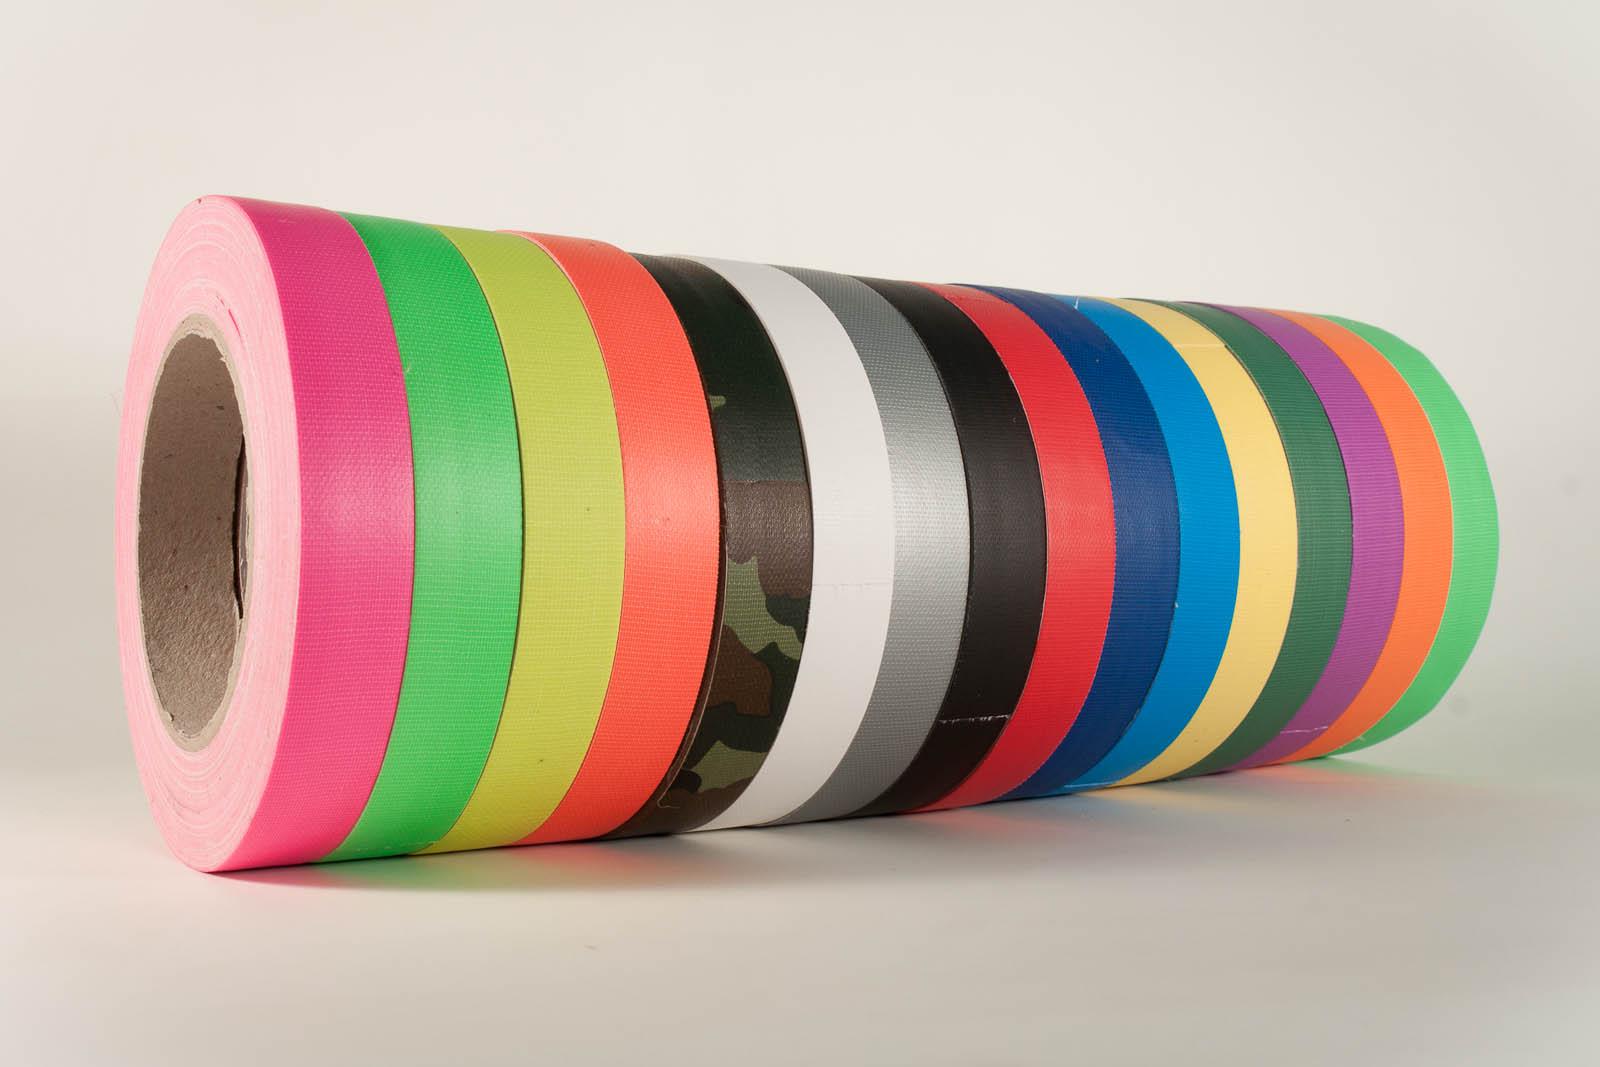 Panzertape bunt farbig Gaffer Gaffa Gewebeband alle Farben alle Breiten Sonderzuschnitt Konfektionierung